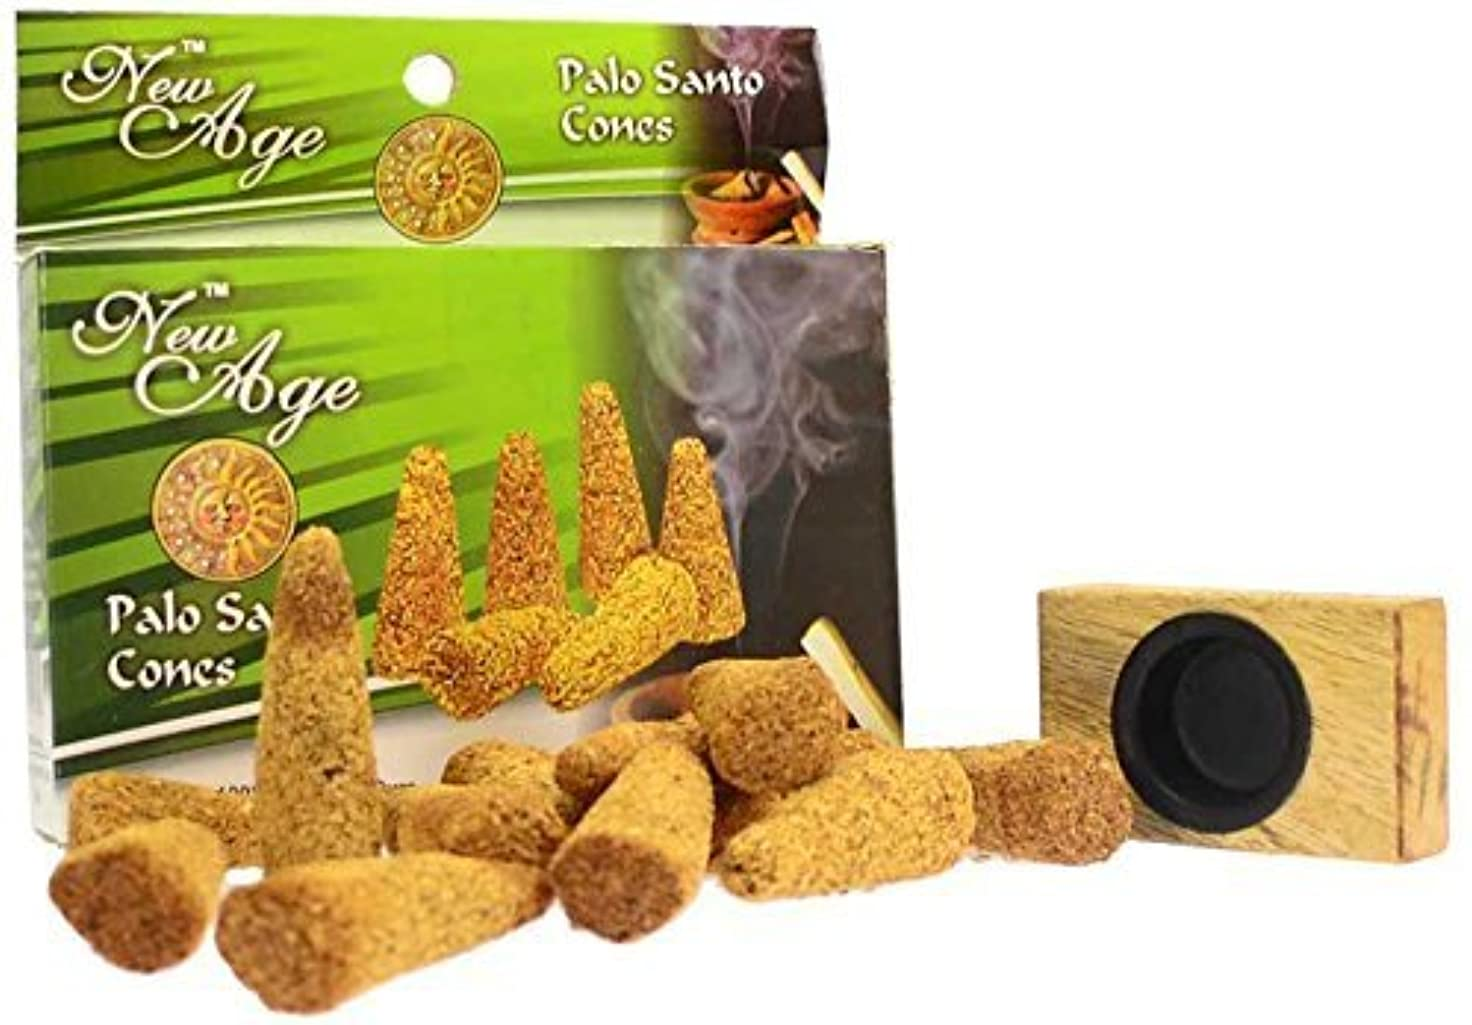 着る次へ速報New Age Imports Palo Santo Cones with burner, 12 cones